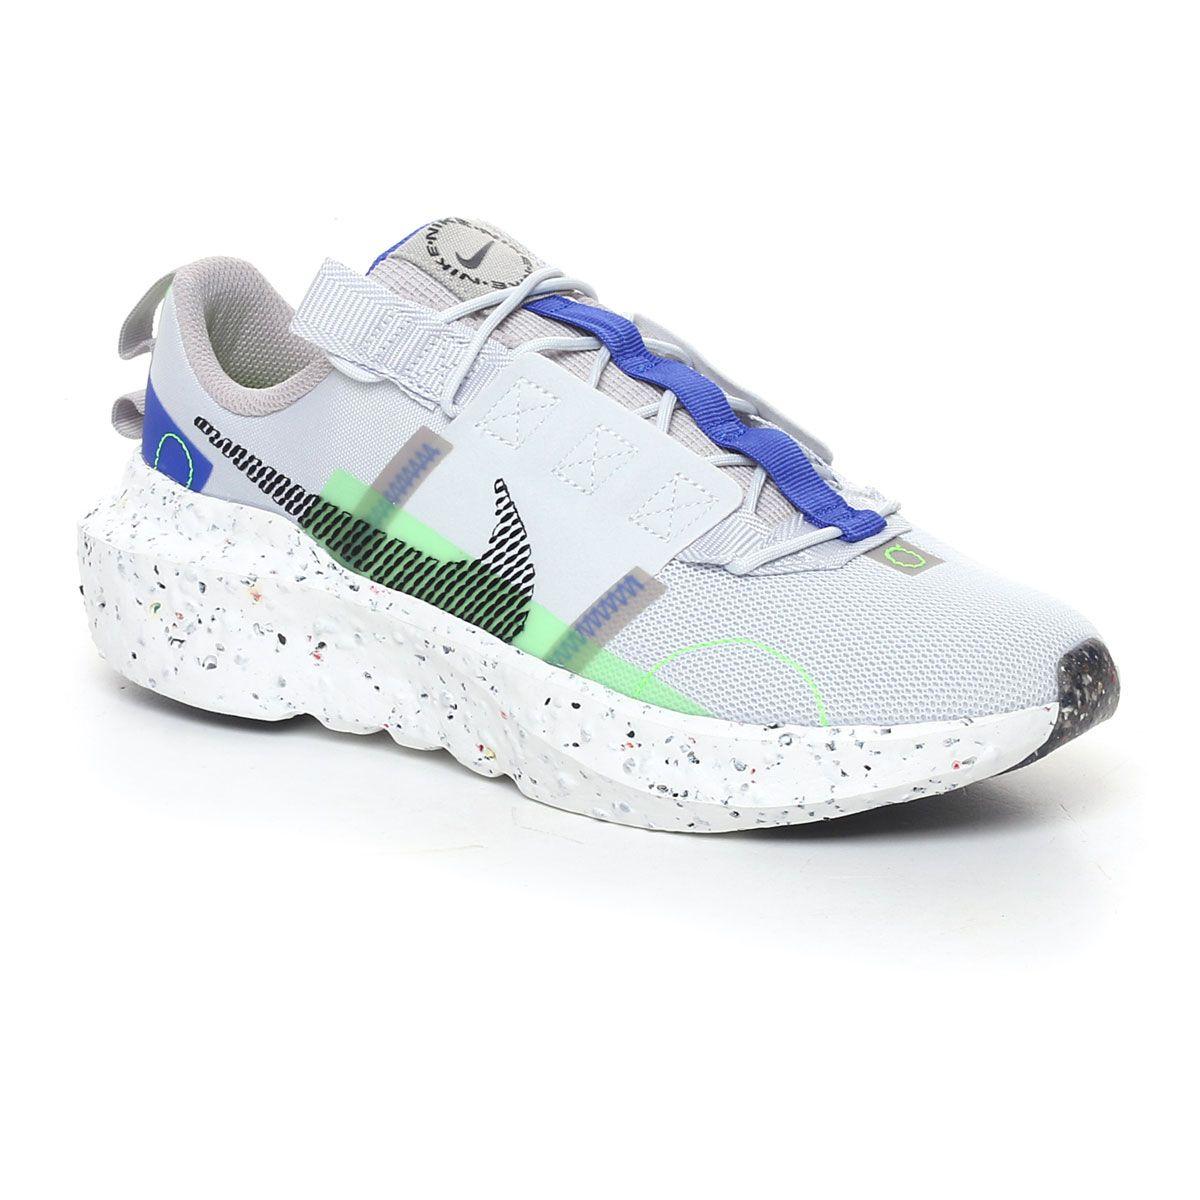 Nike Crater Impact Uomo Grigio Blu